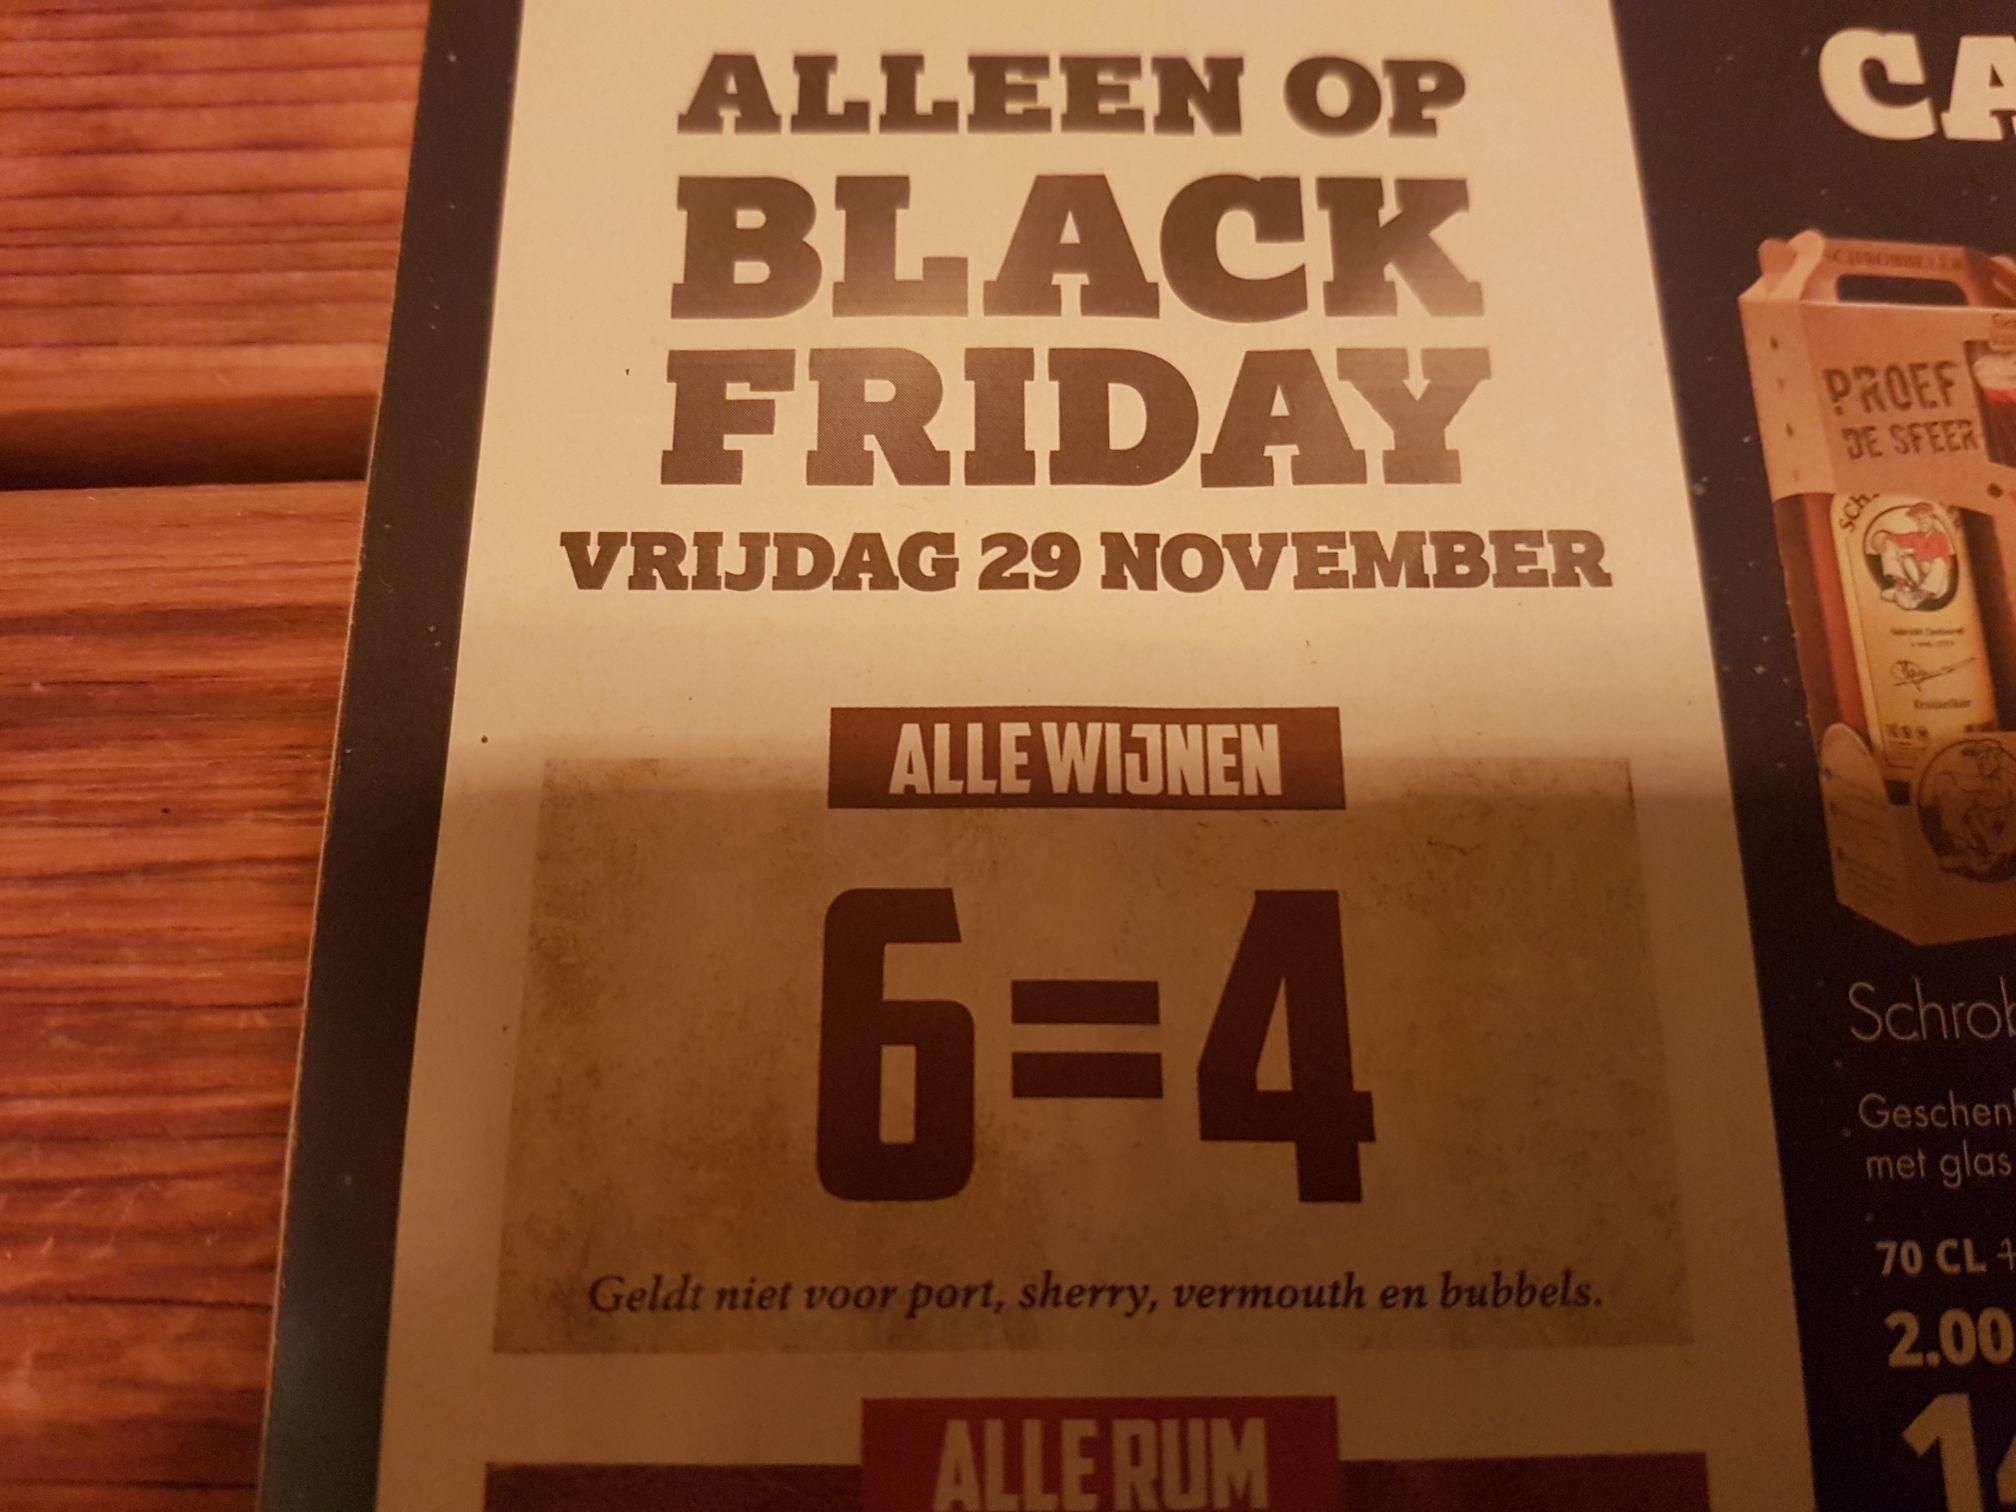 Black Friday deal: Alle wijnen, 6 = 4 bij Mitra